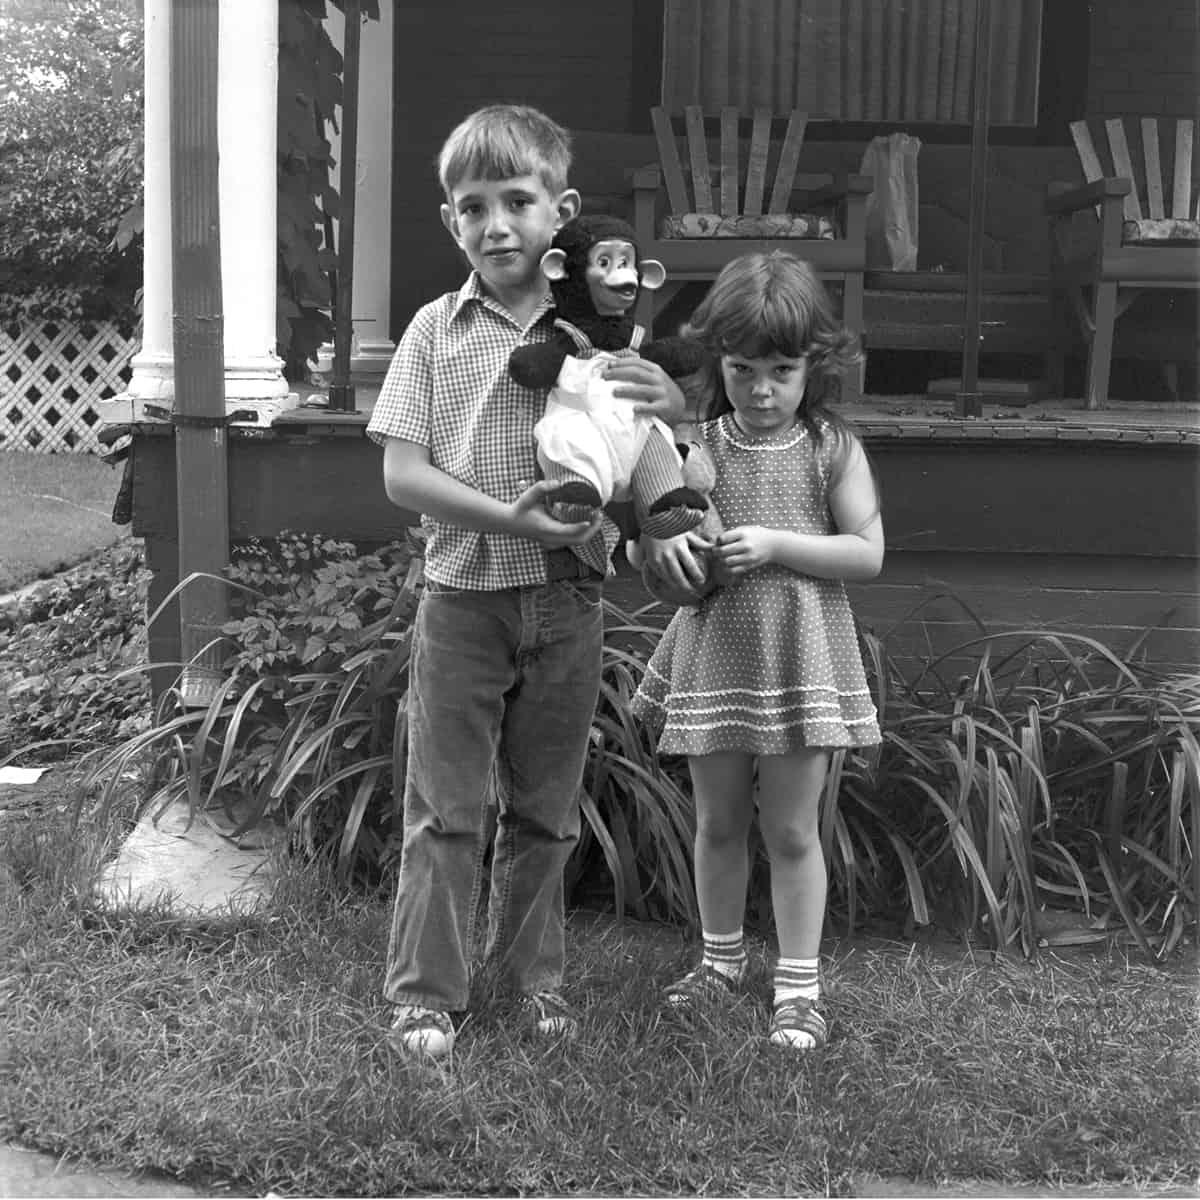 Andrew & Angela, Denver, 1978 Photographie ©Ricardo Bloch